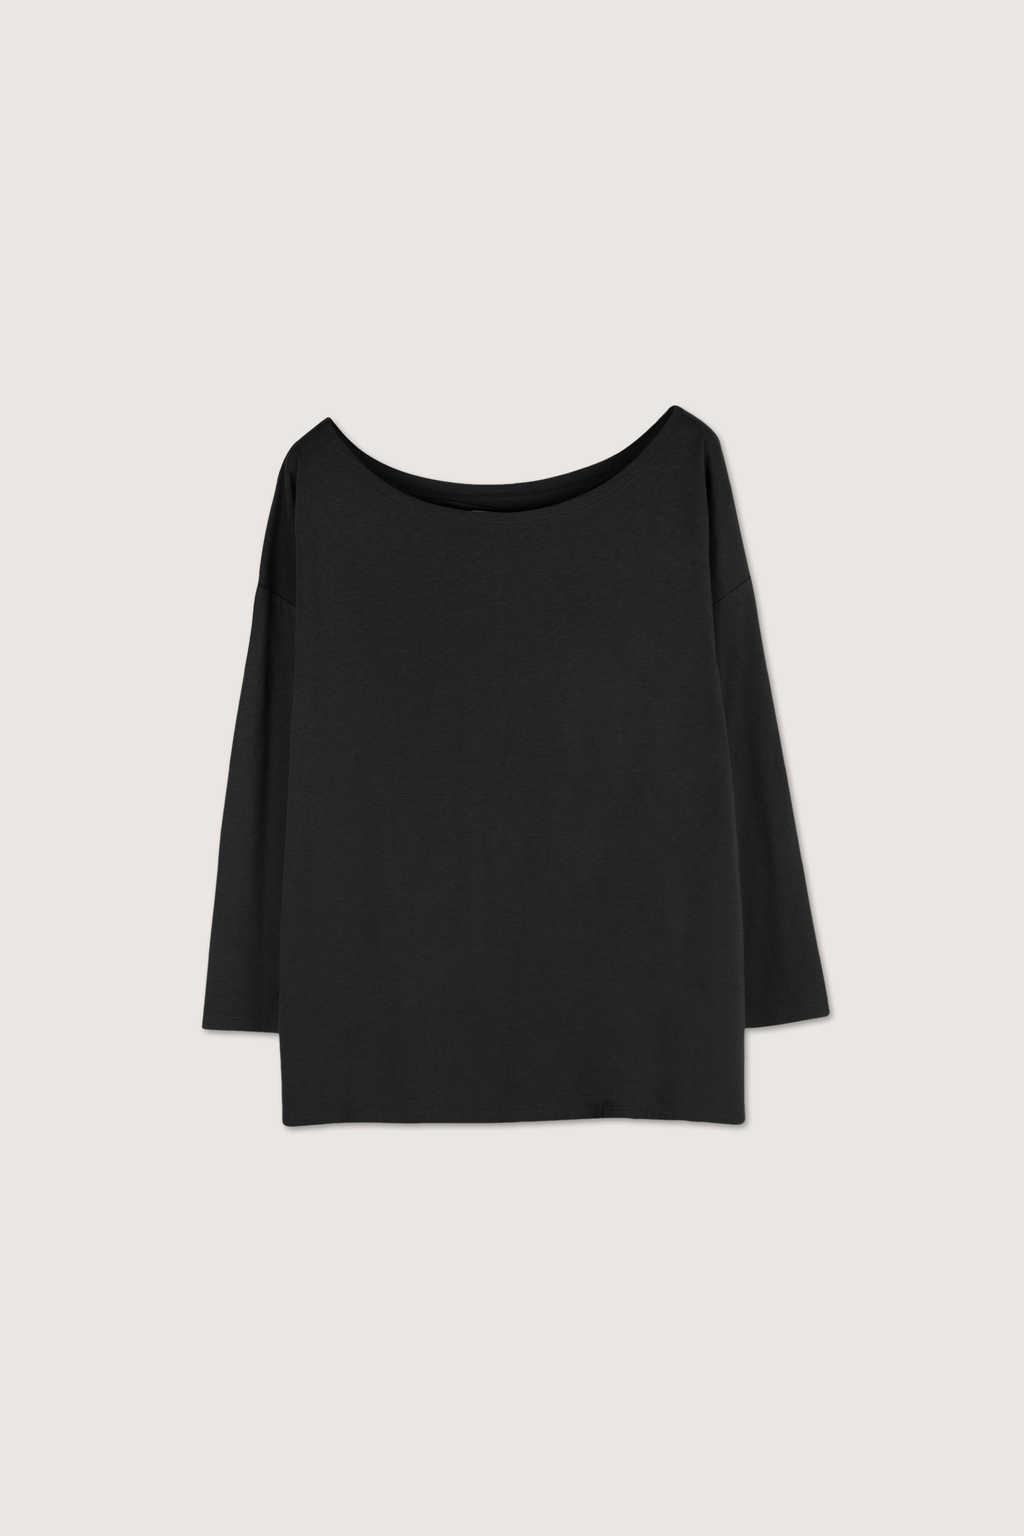 TShirt 1813 Black 12